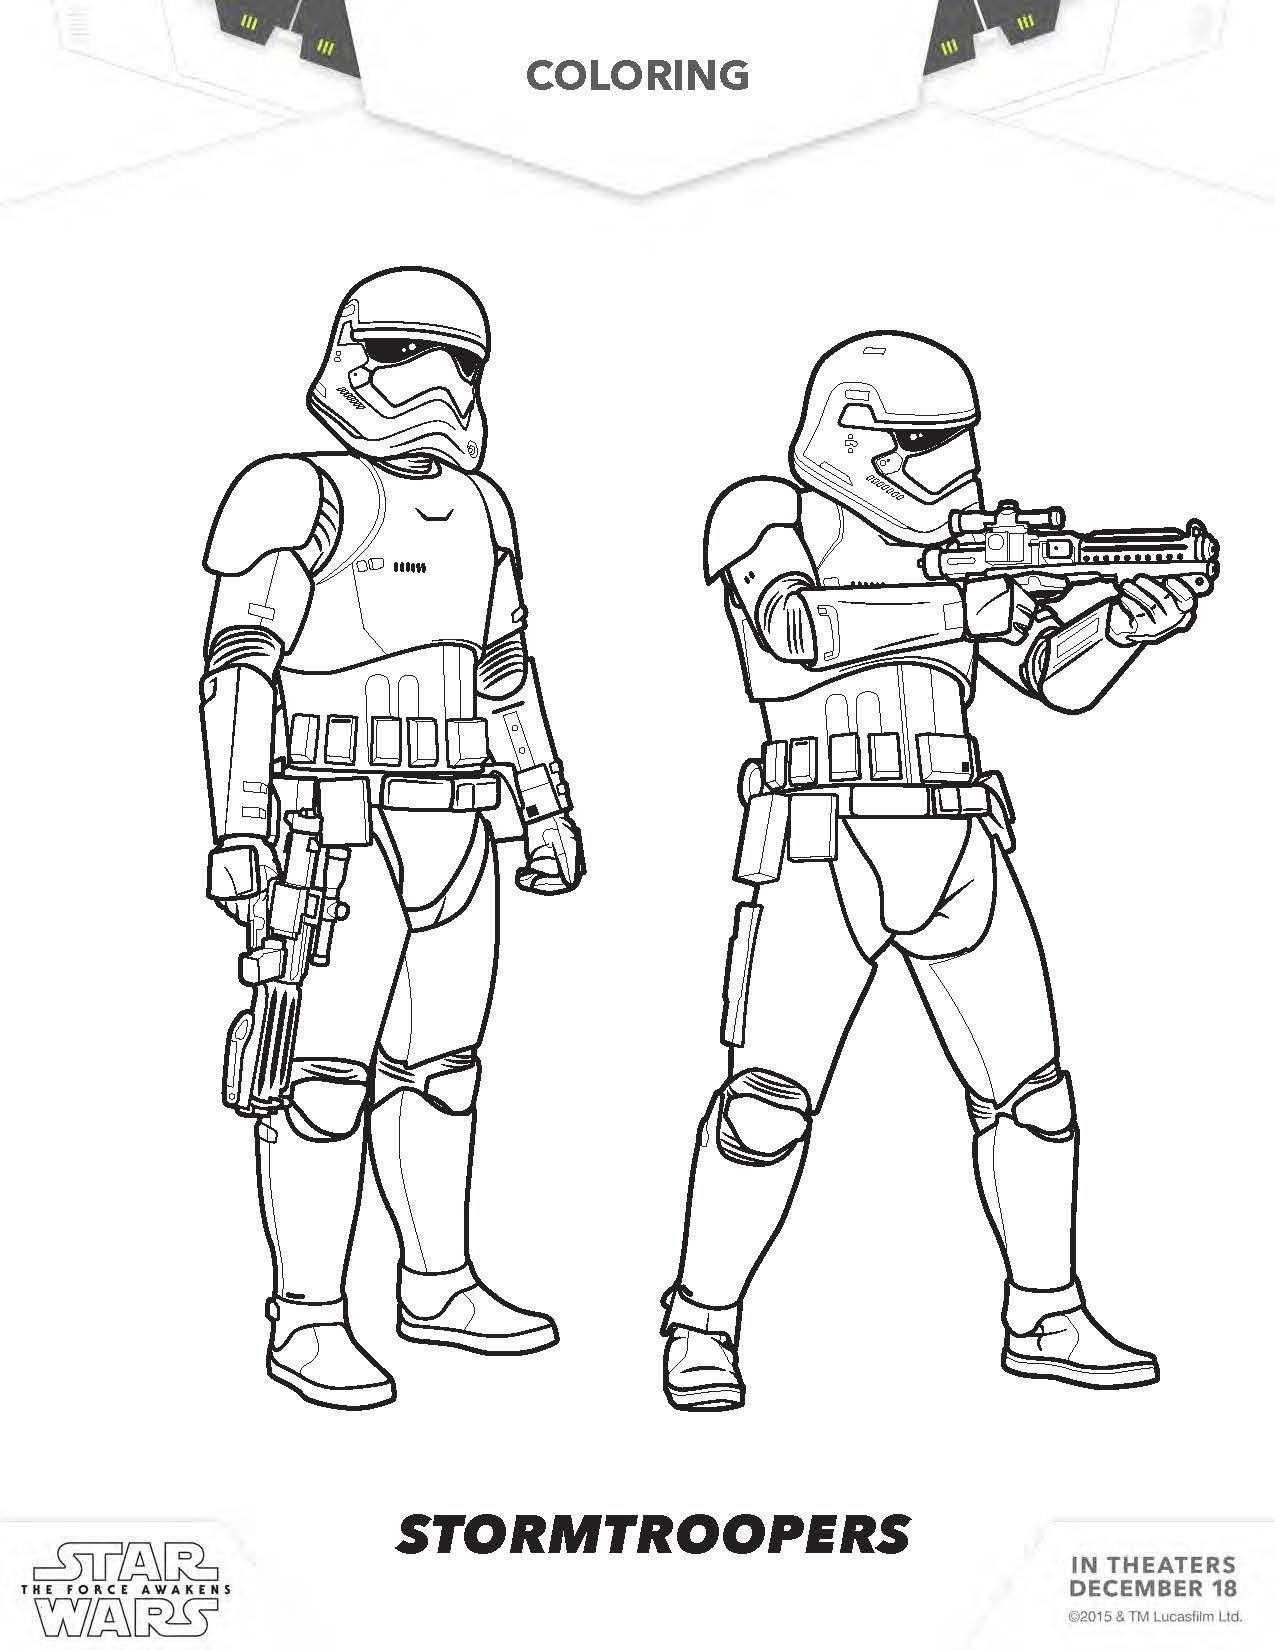 Darth Vader Ausmalbilder Inspirierend Ausmalbilder Lego Star Wars Fresh 38 Star Wars Darth Vader Fotografieren